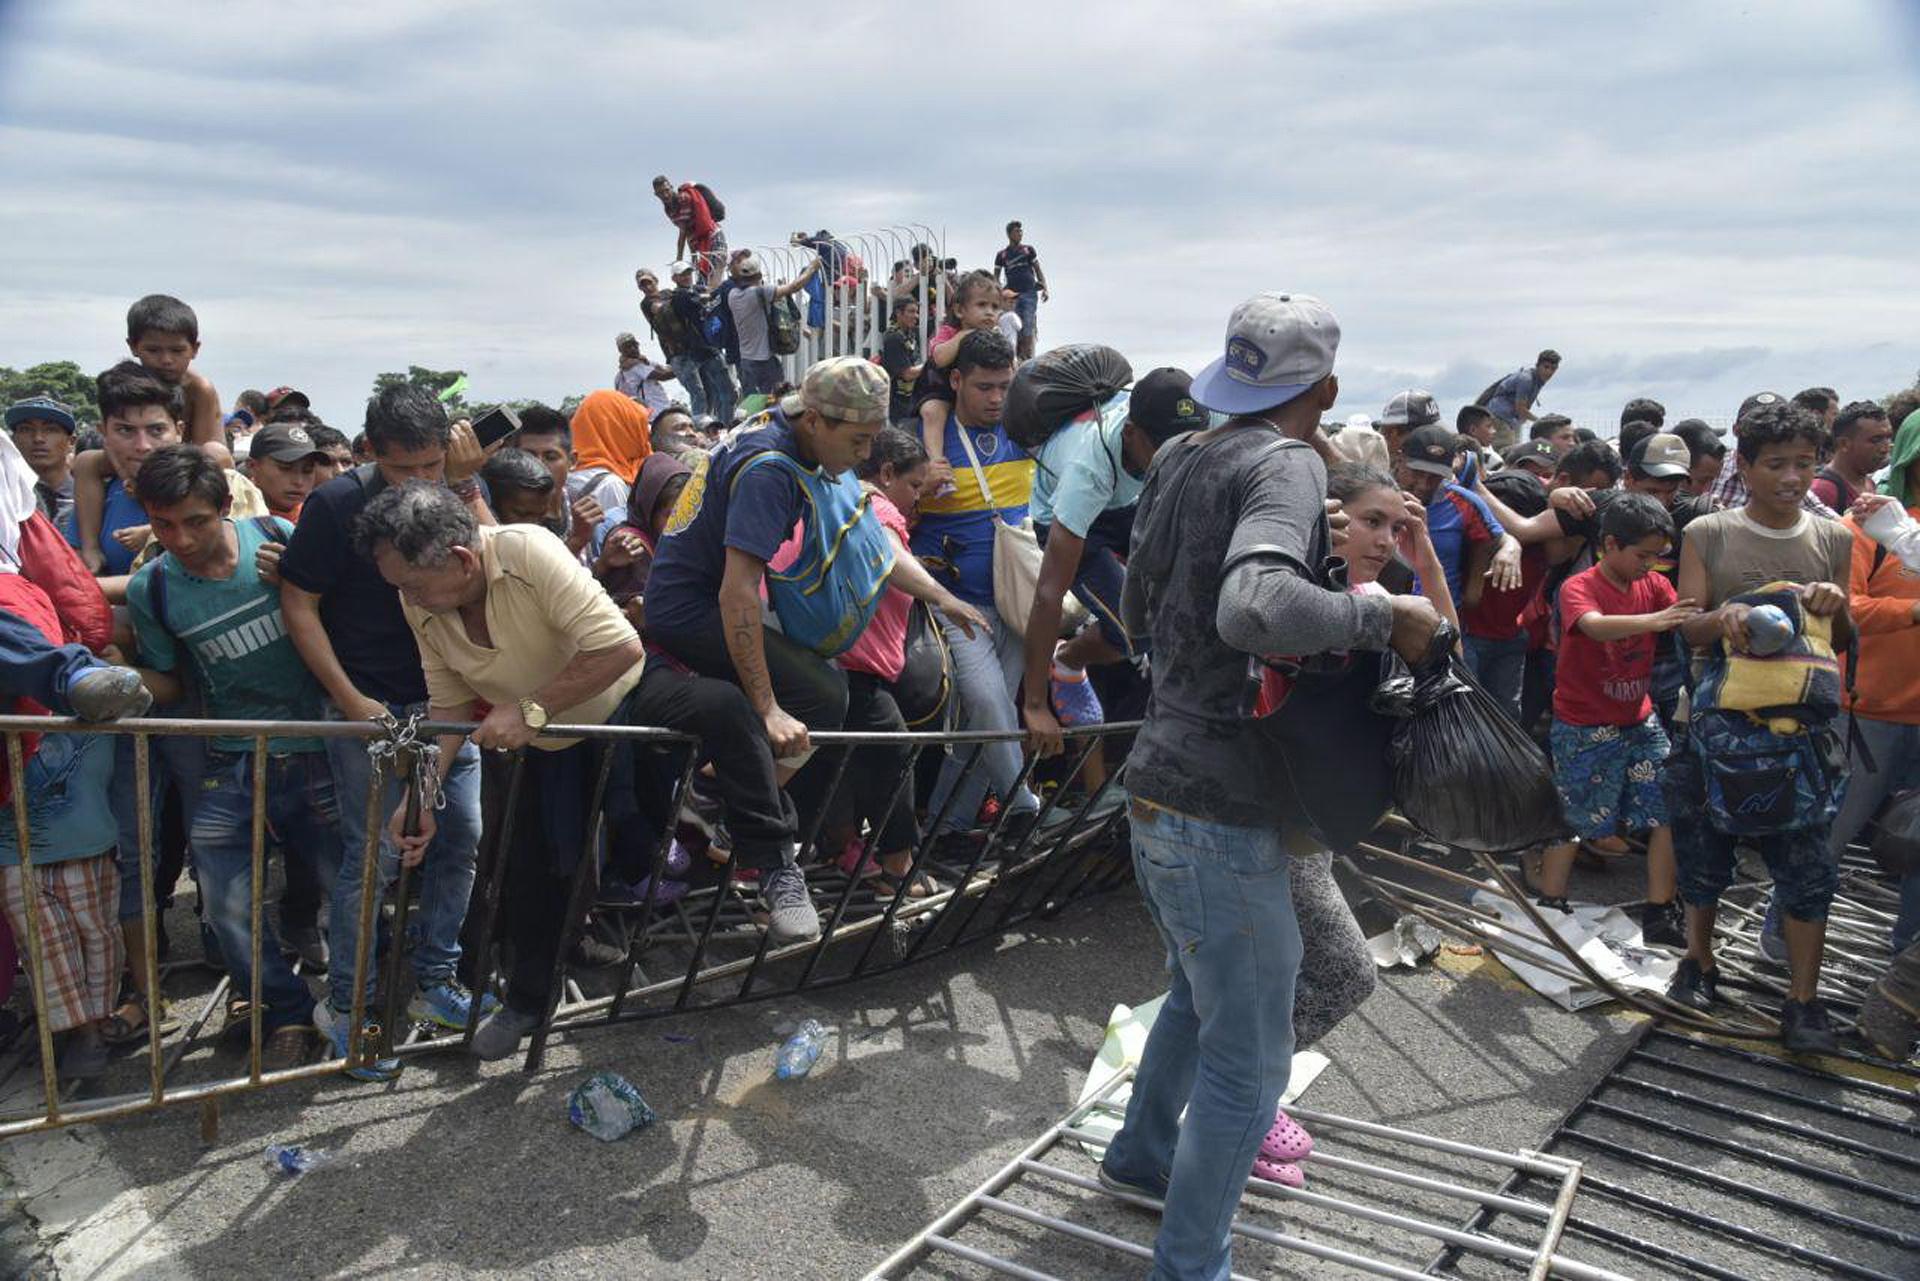 Troje umrlih u karavani migranata prema SAD-u